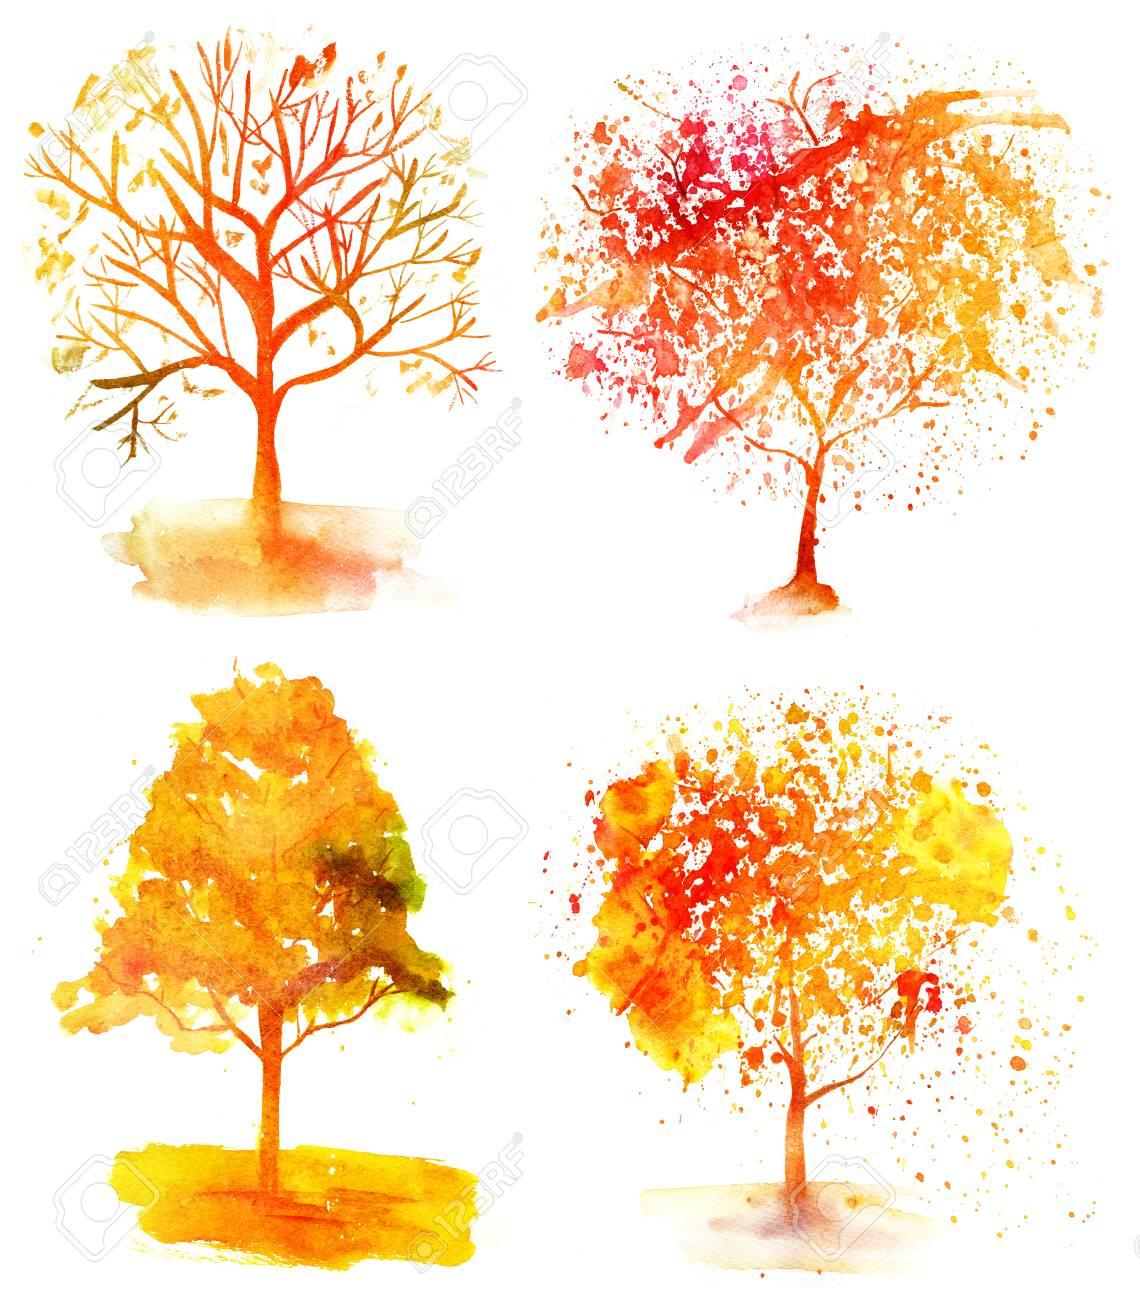 Conjunto De árboles De Otoño Acuarela Vibrante Sobre Fondo Blanco